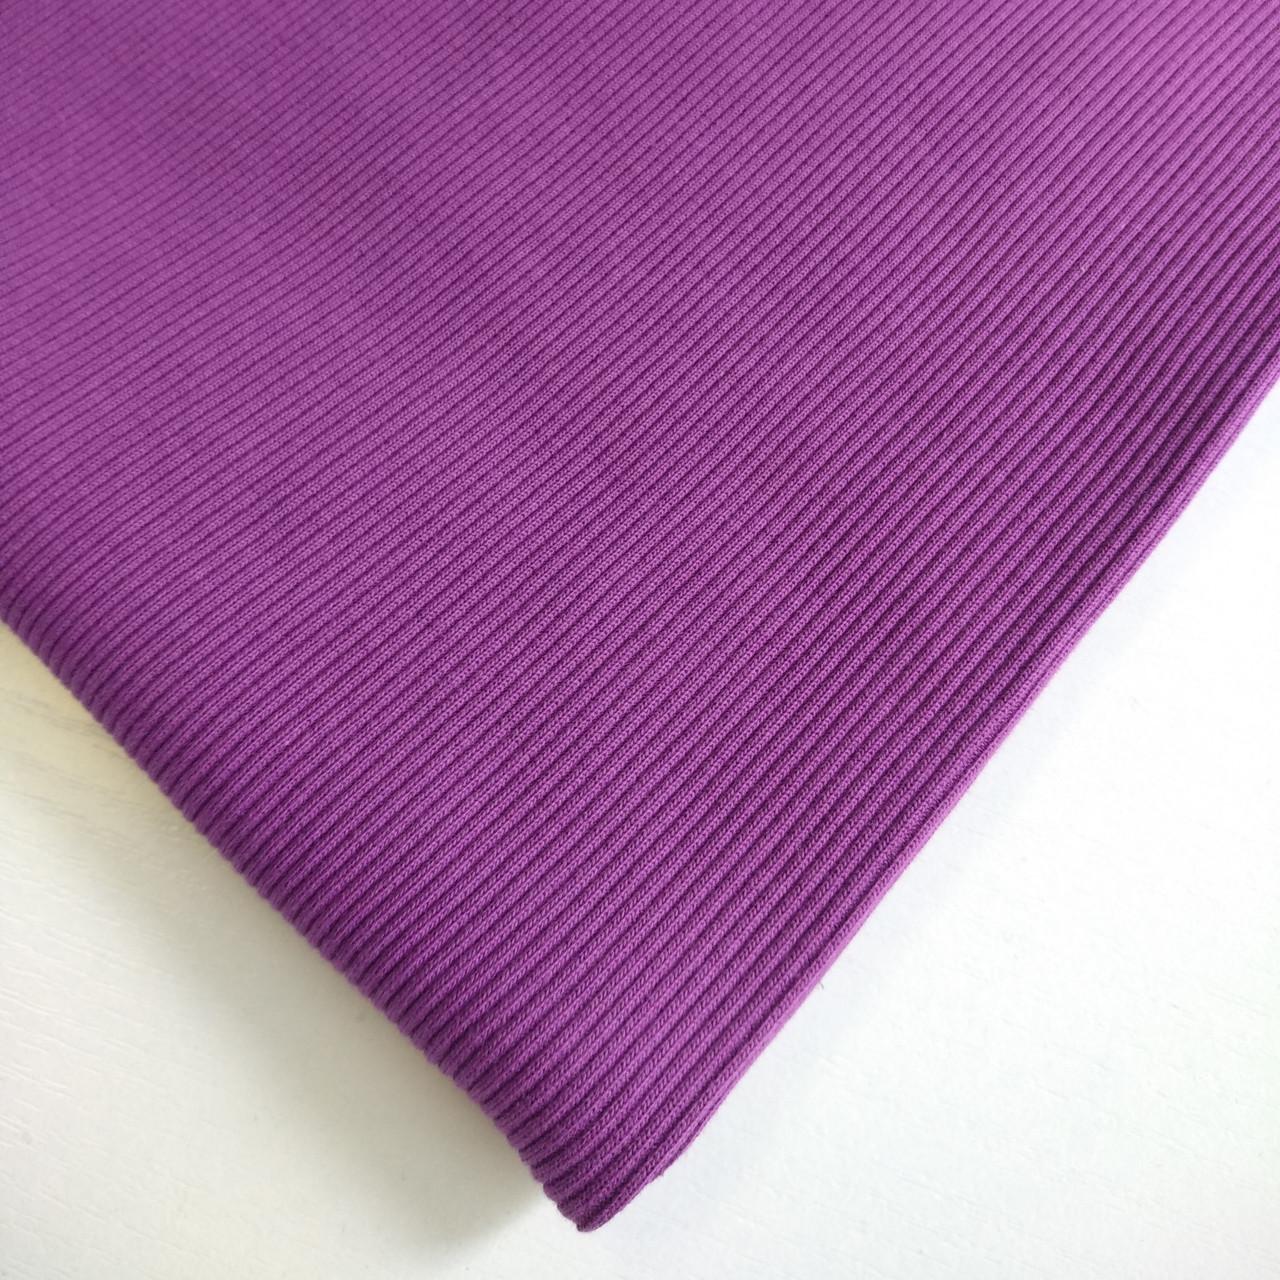 Кашкорсе для трехниткт (петля) Фиолетовая, чулок 60см.